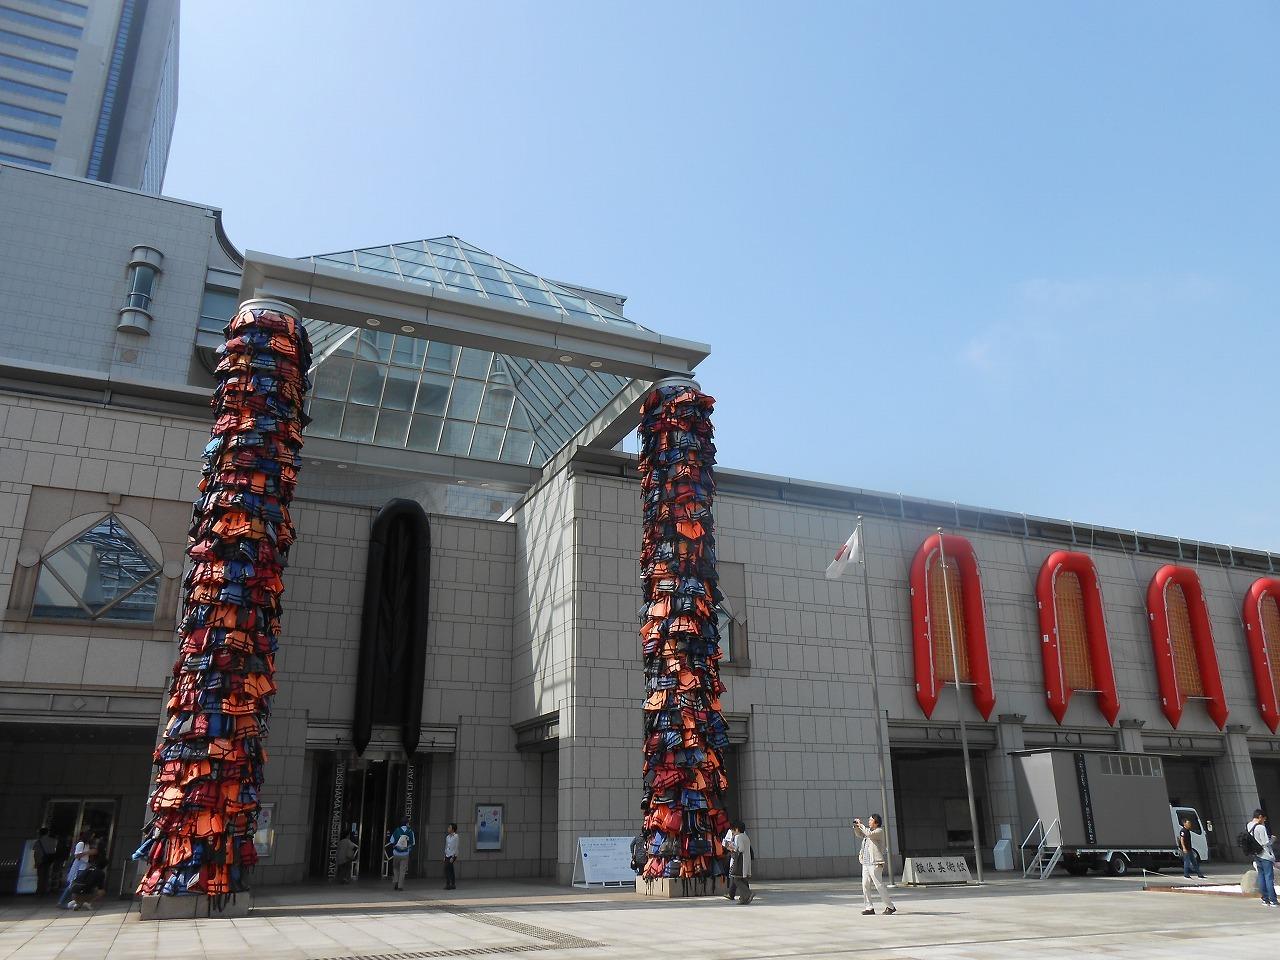 横浜美術館入口 アイ・ウェイウェイ(艾未未)《安全な通行》2016、《Reframe》2016